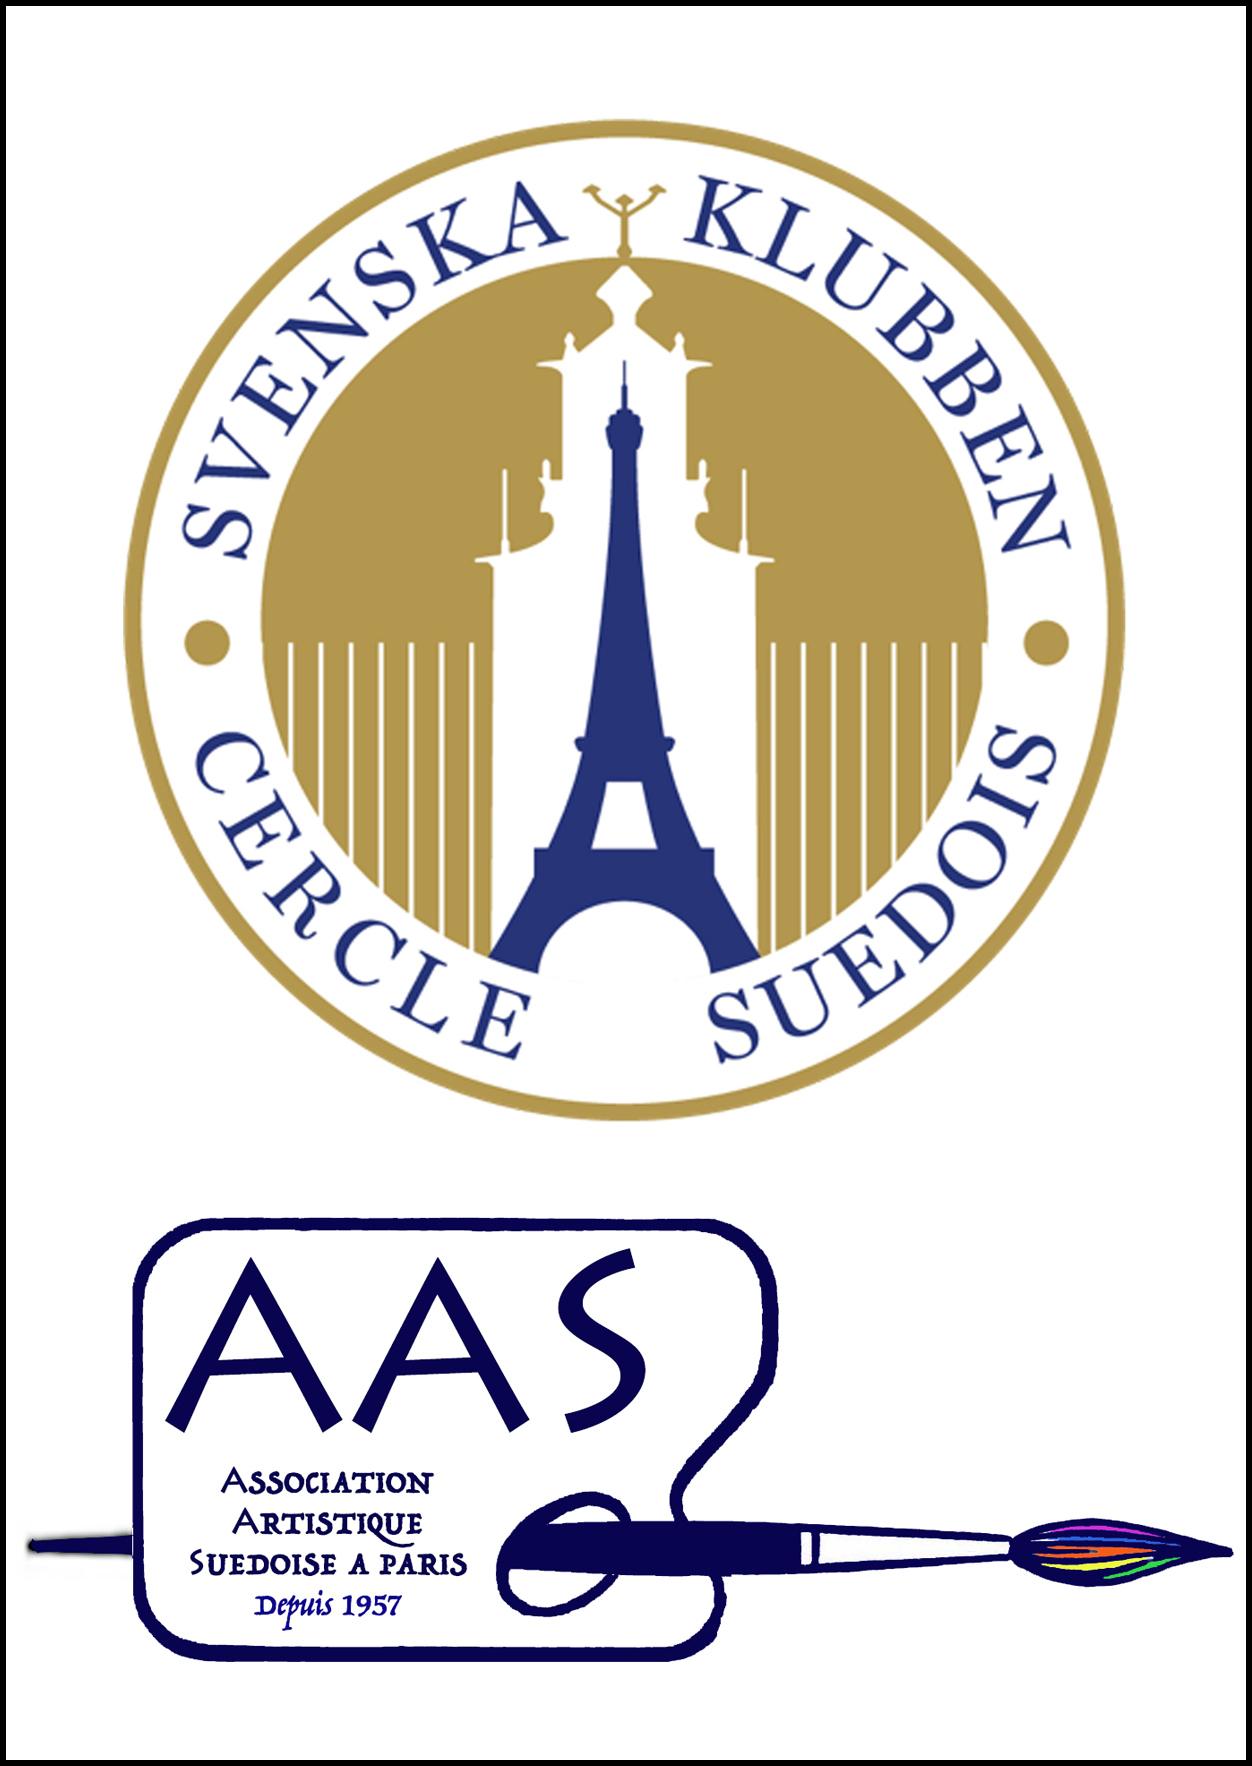 CERCLE SUEDOIS - PARIS, FRANCEExpo: 21/05/2015 - 11/06/2015Vernissage: 21/05/2015 (17h00-20h00)